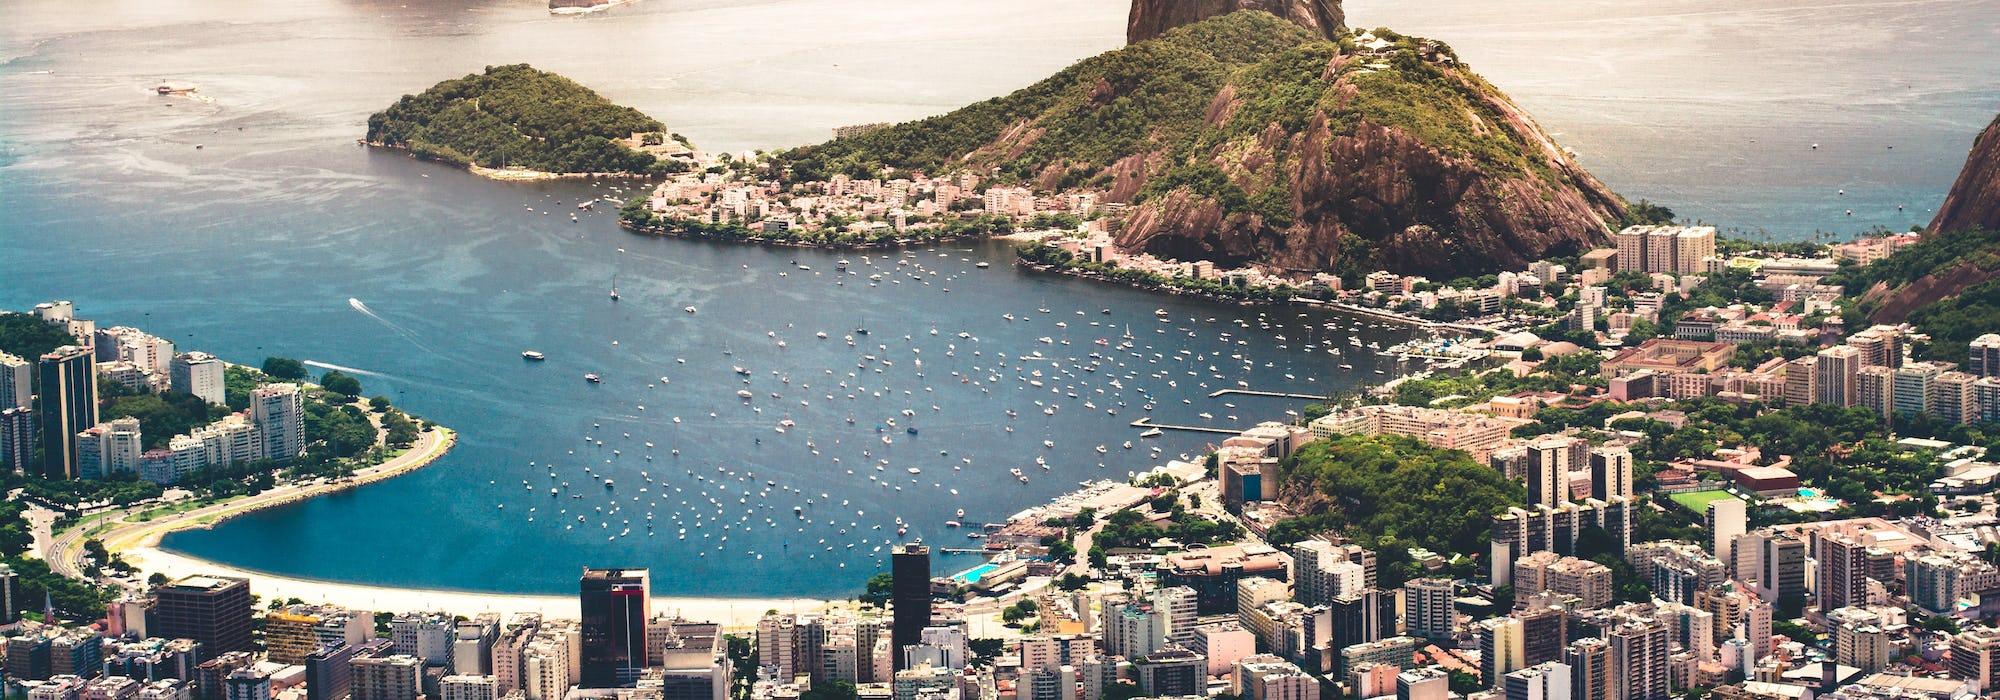 Foto på Rio de Janeiro från ovan med byggnader, berg och kristallblått vatten.